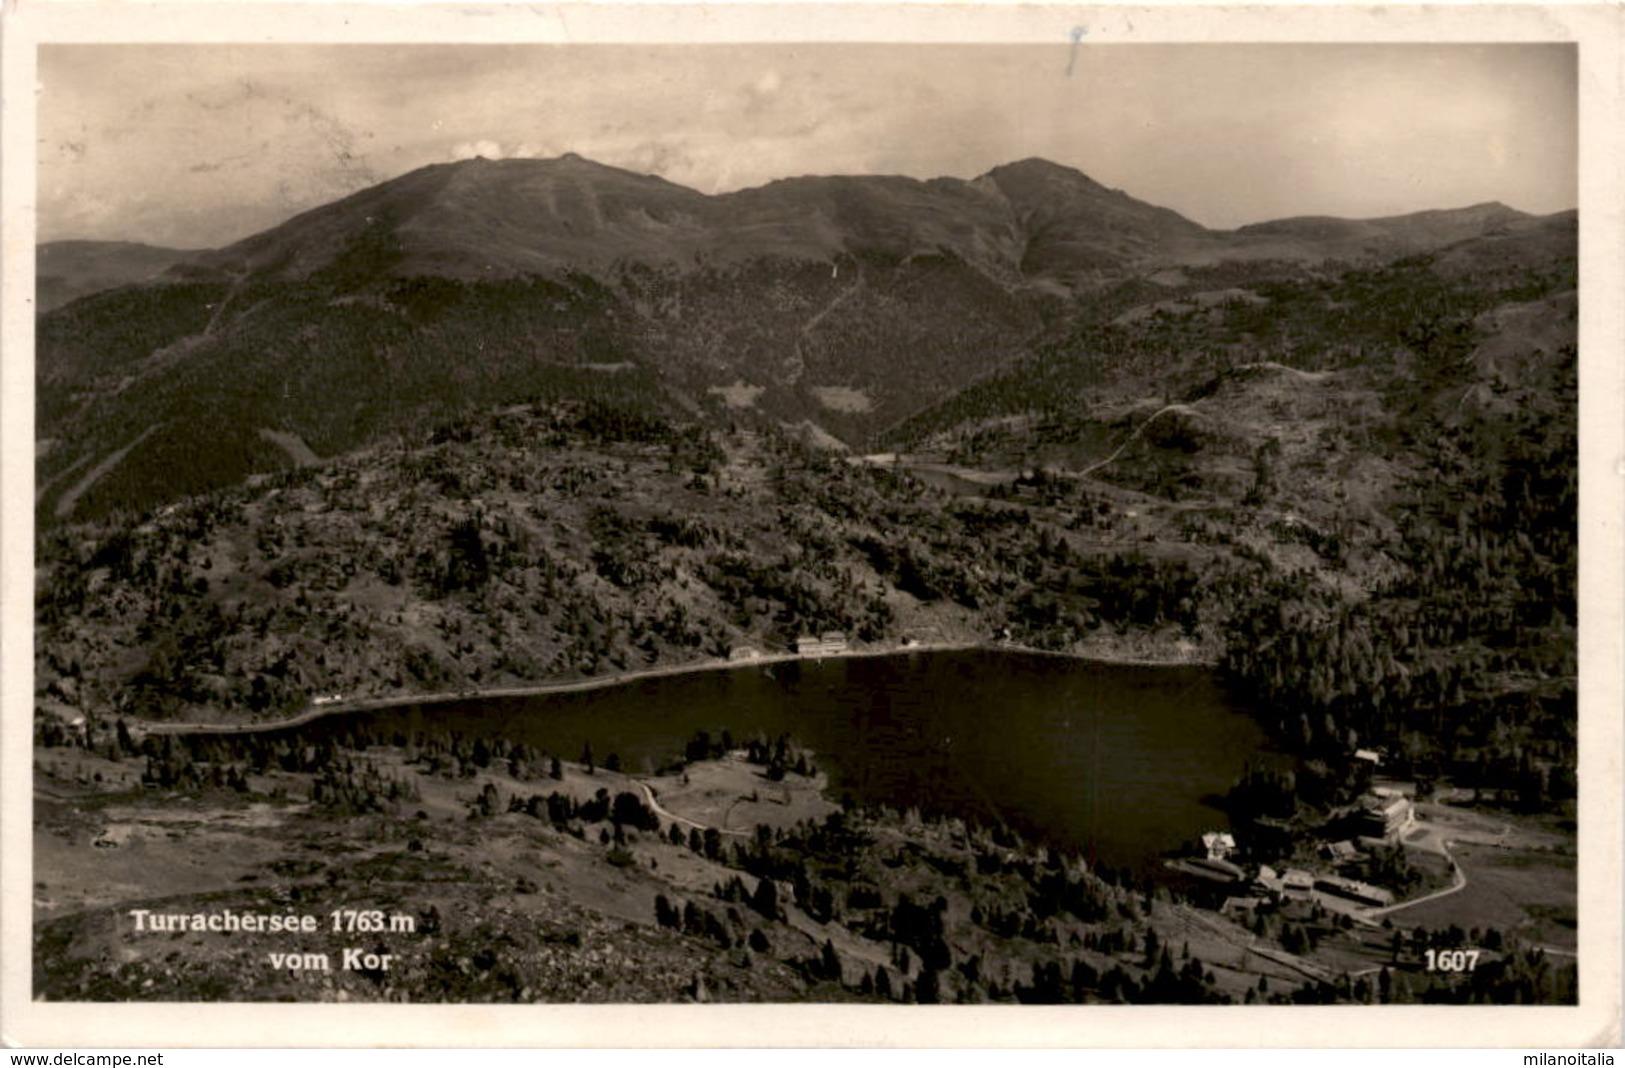 Turrachersee 1763 M Vom Kor (1607) * 27. 7. 1942 - Austria